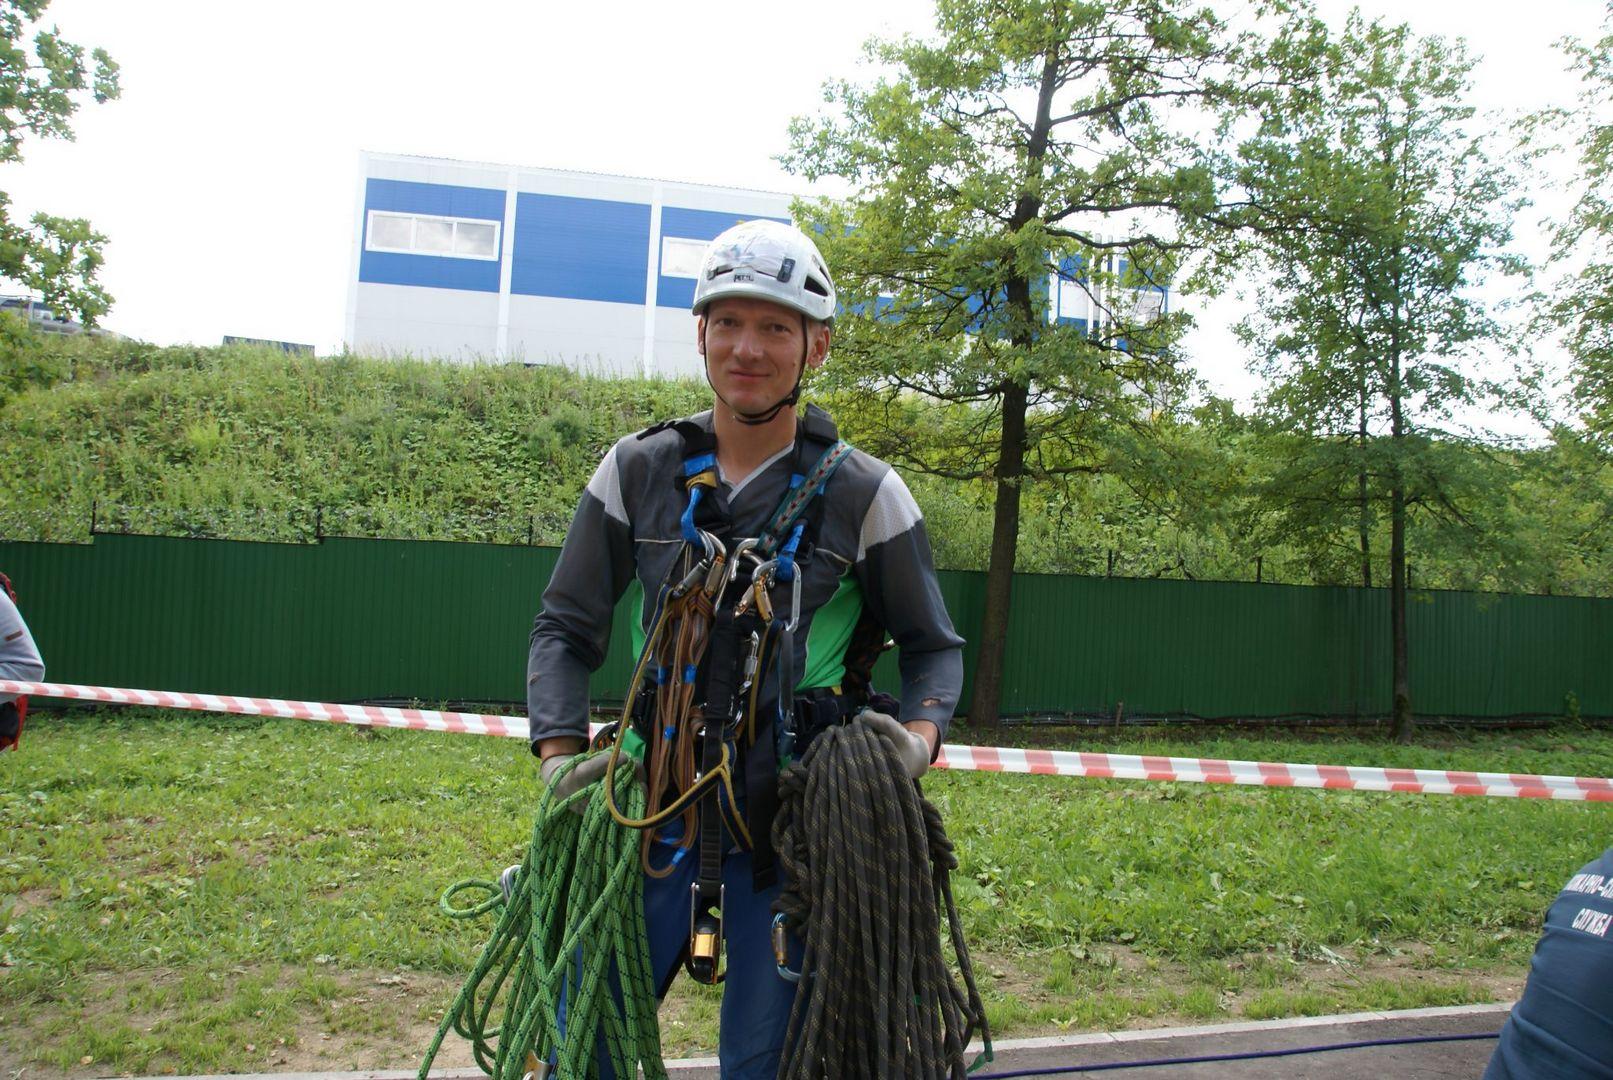 альпинист, спасатели, конкурс, лучший спасатель, спасатели Москвы, департамент ГО ЧС, первая помощь,